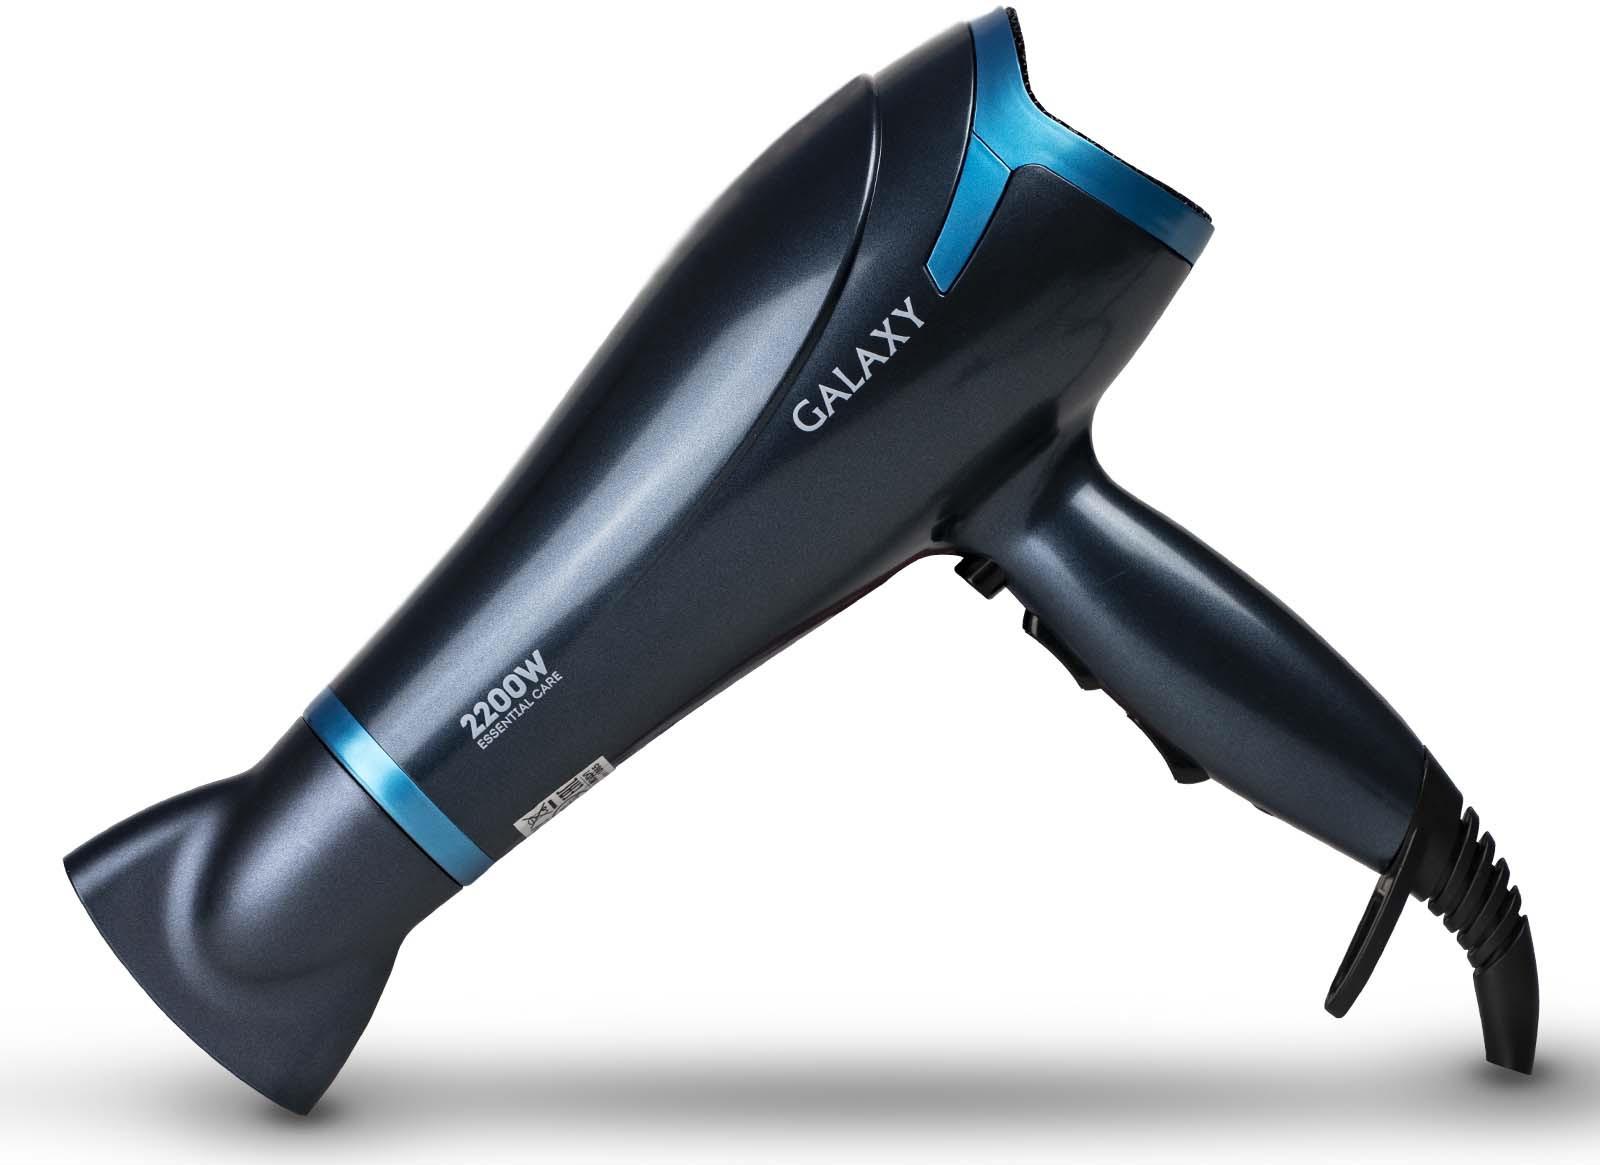 Фен Galaxy GL 4329, цвет: черный, голубой